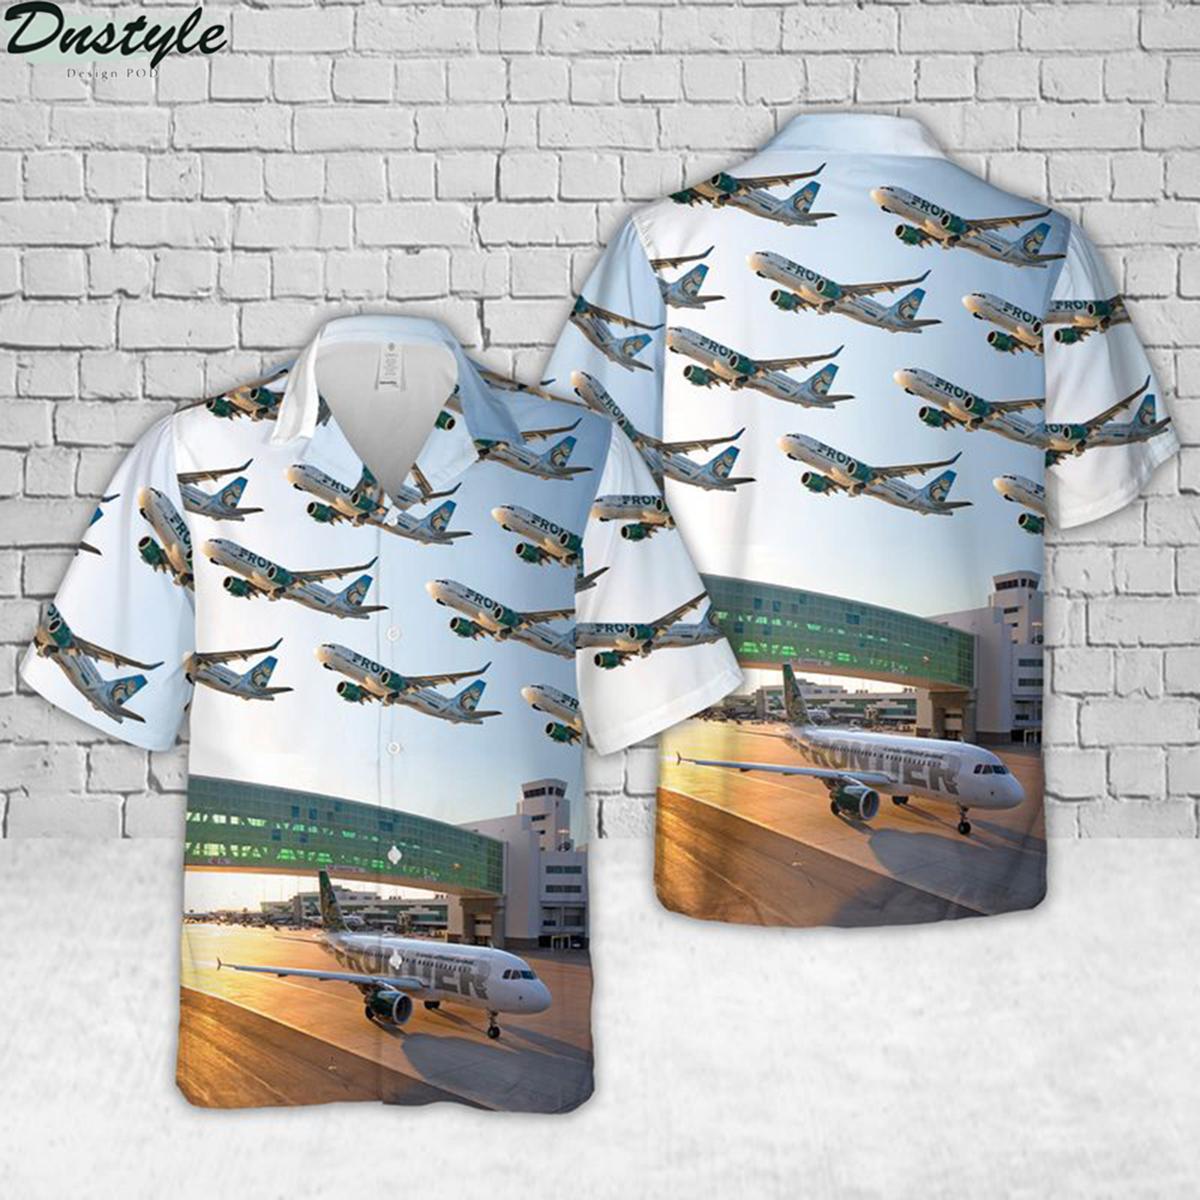 Denver international airport hawaiian shirt 2